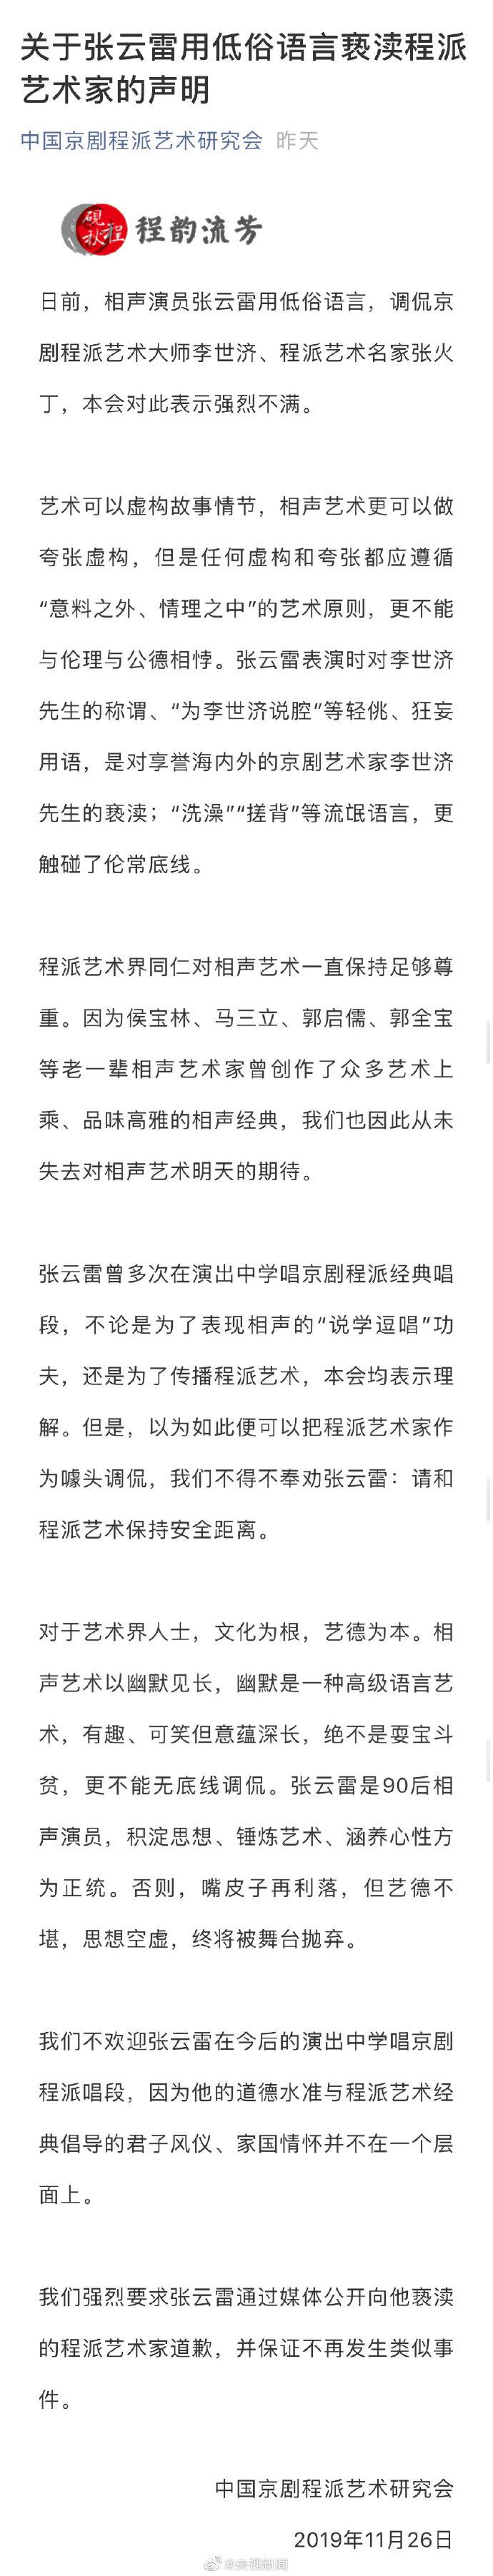 京剧程派反击张云雷 涨姿势 第1张